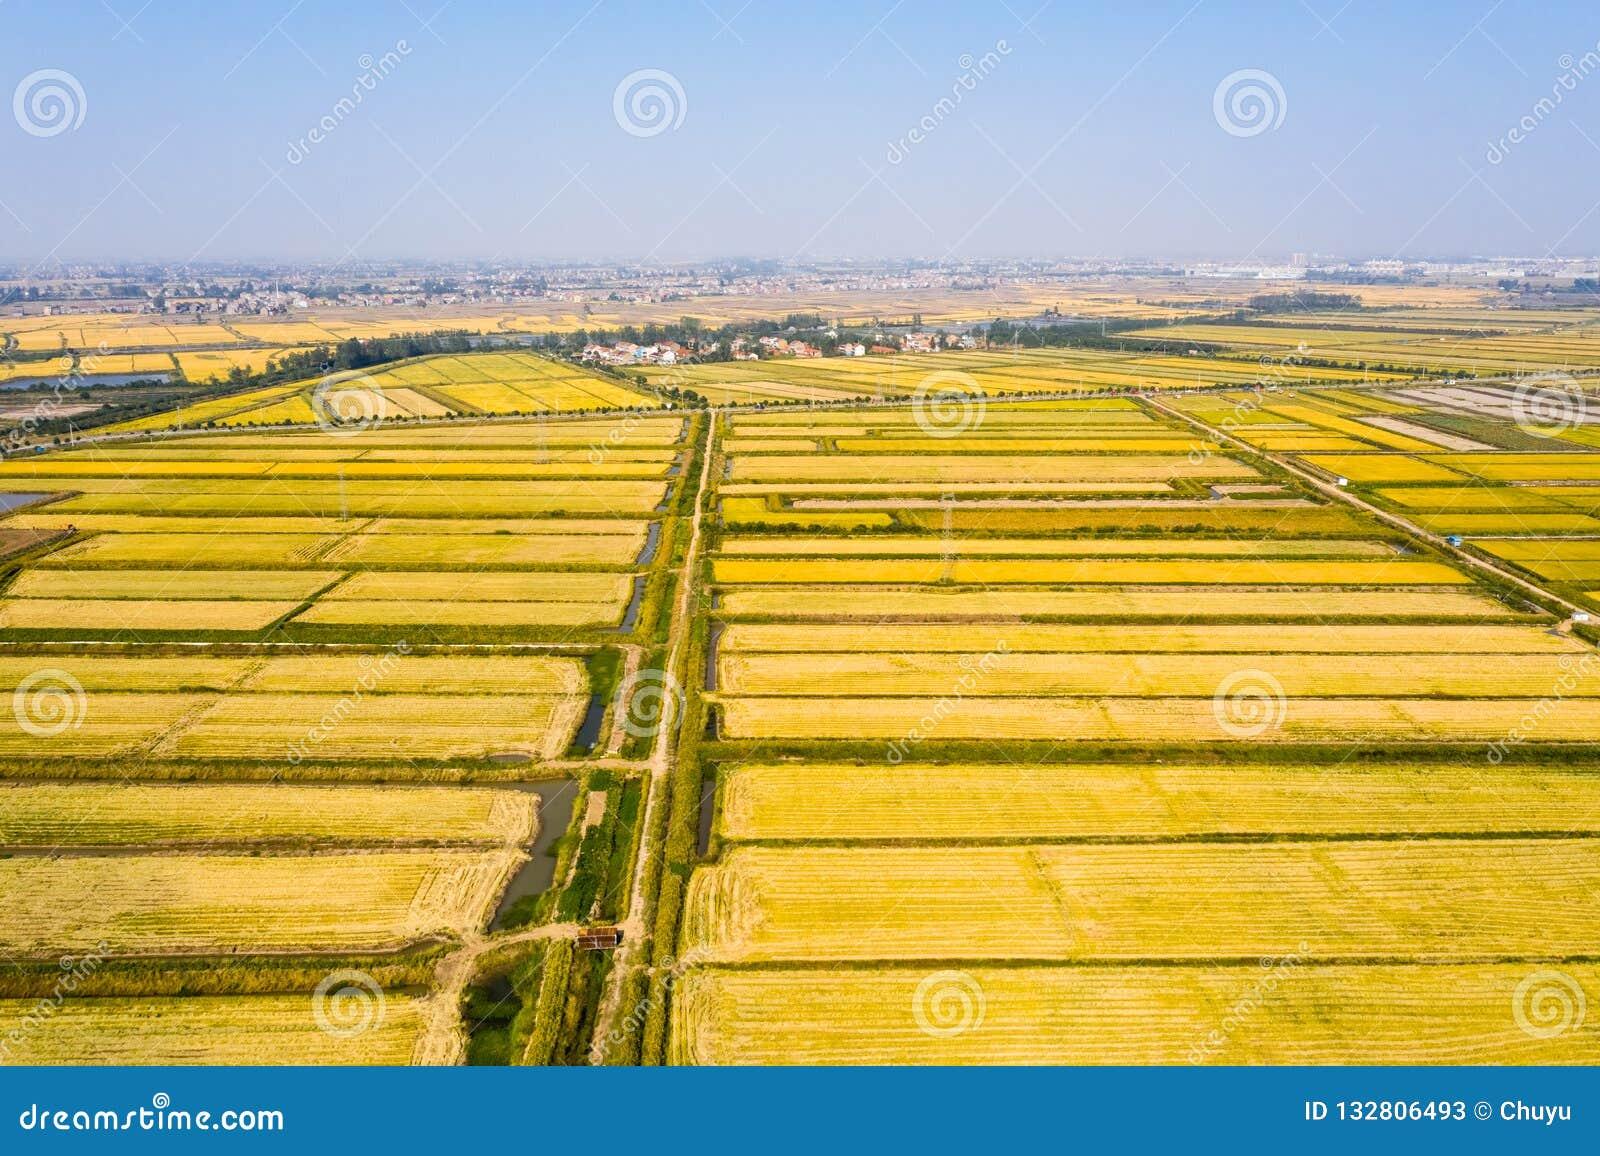 Goldenes Reisfeld im Herbst